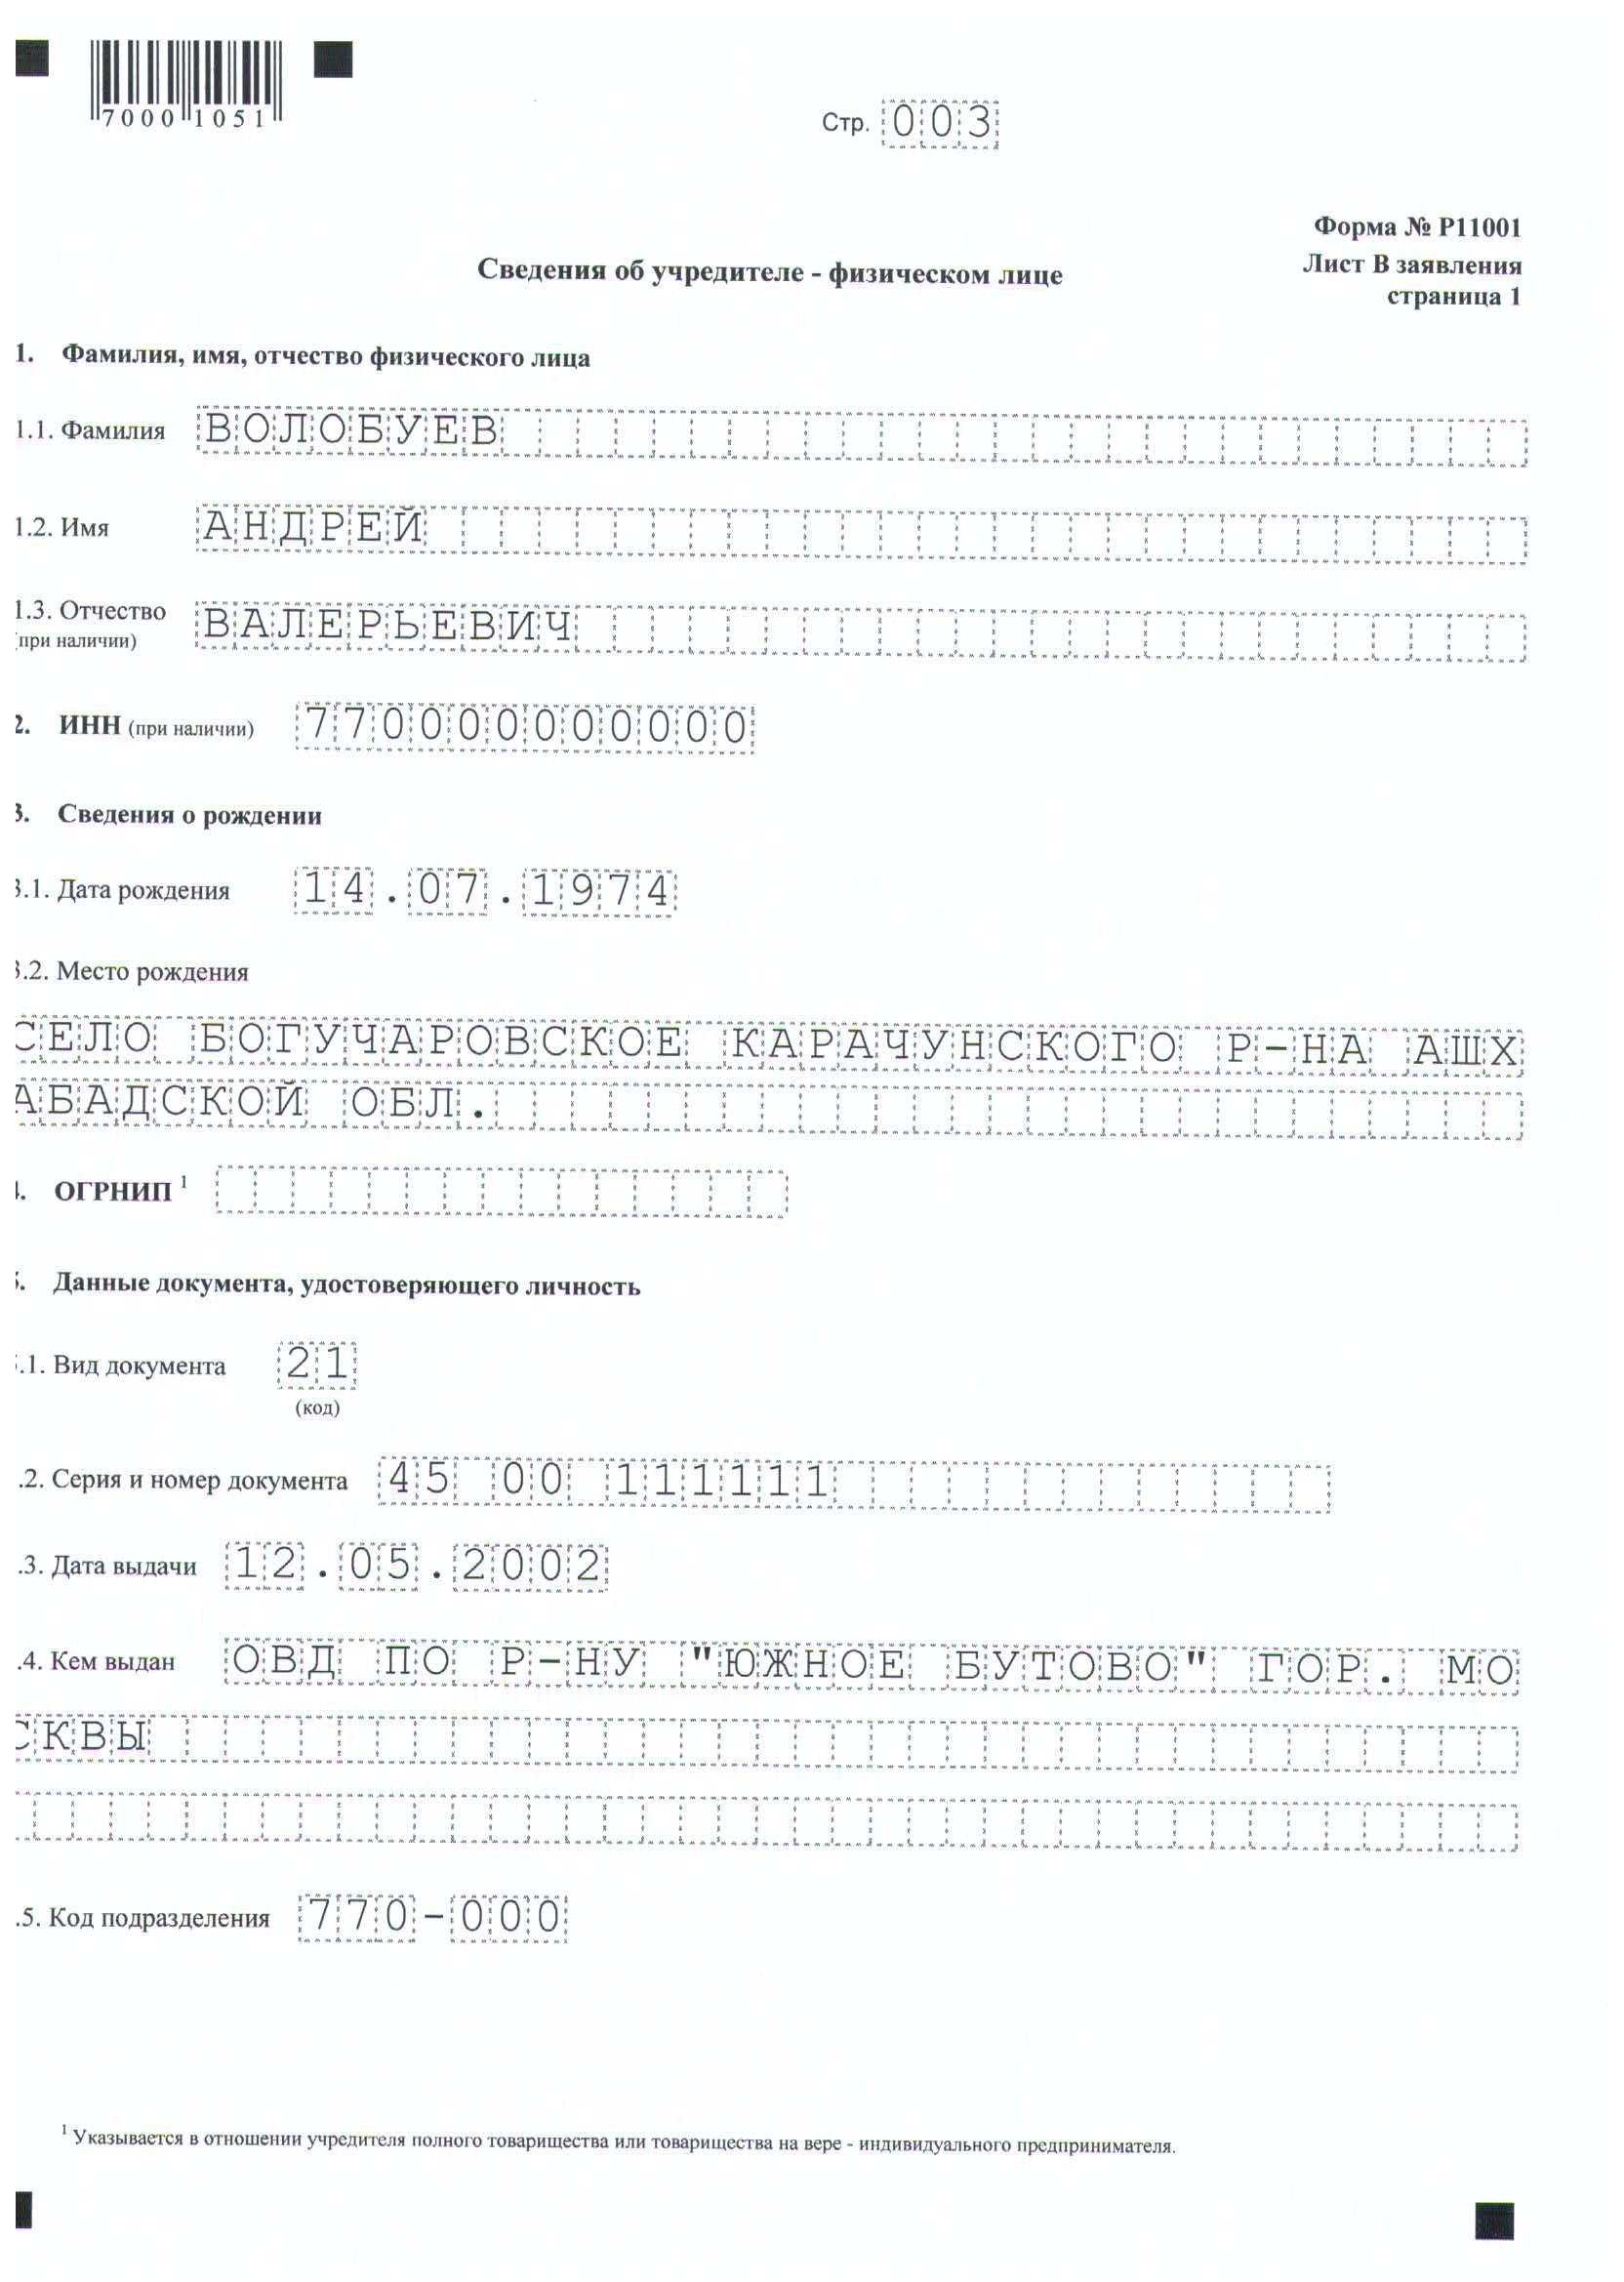 Заявление о регистрации ооо с несколькими учредителями регистрация ооо в г подольск